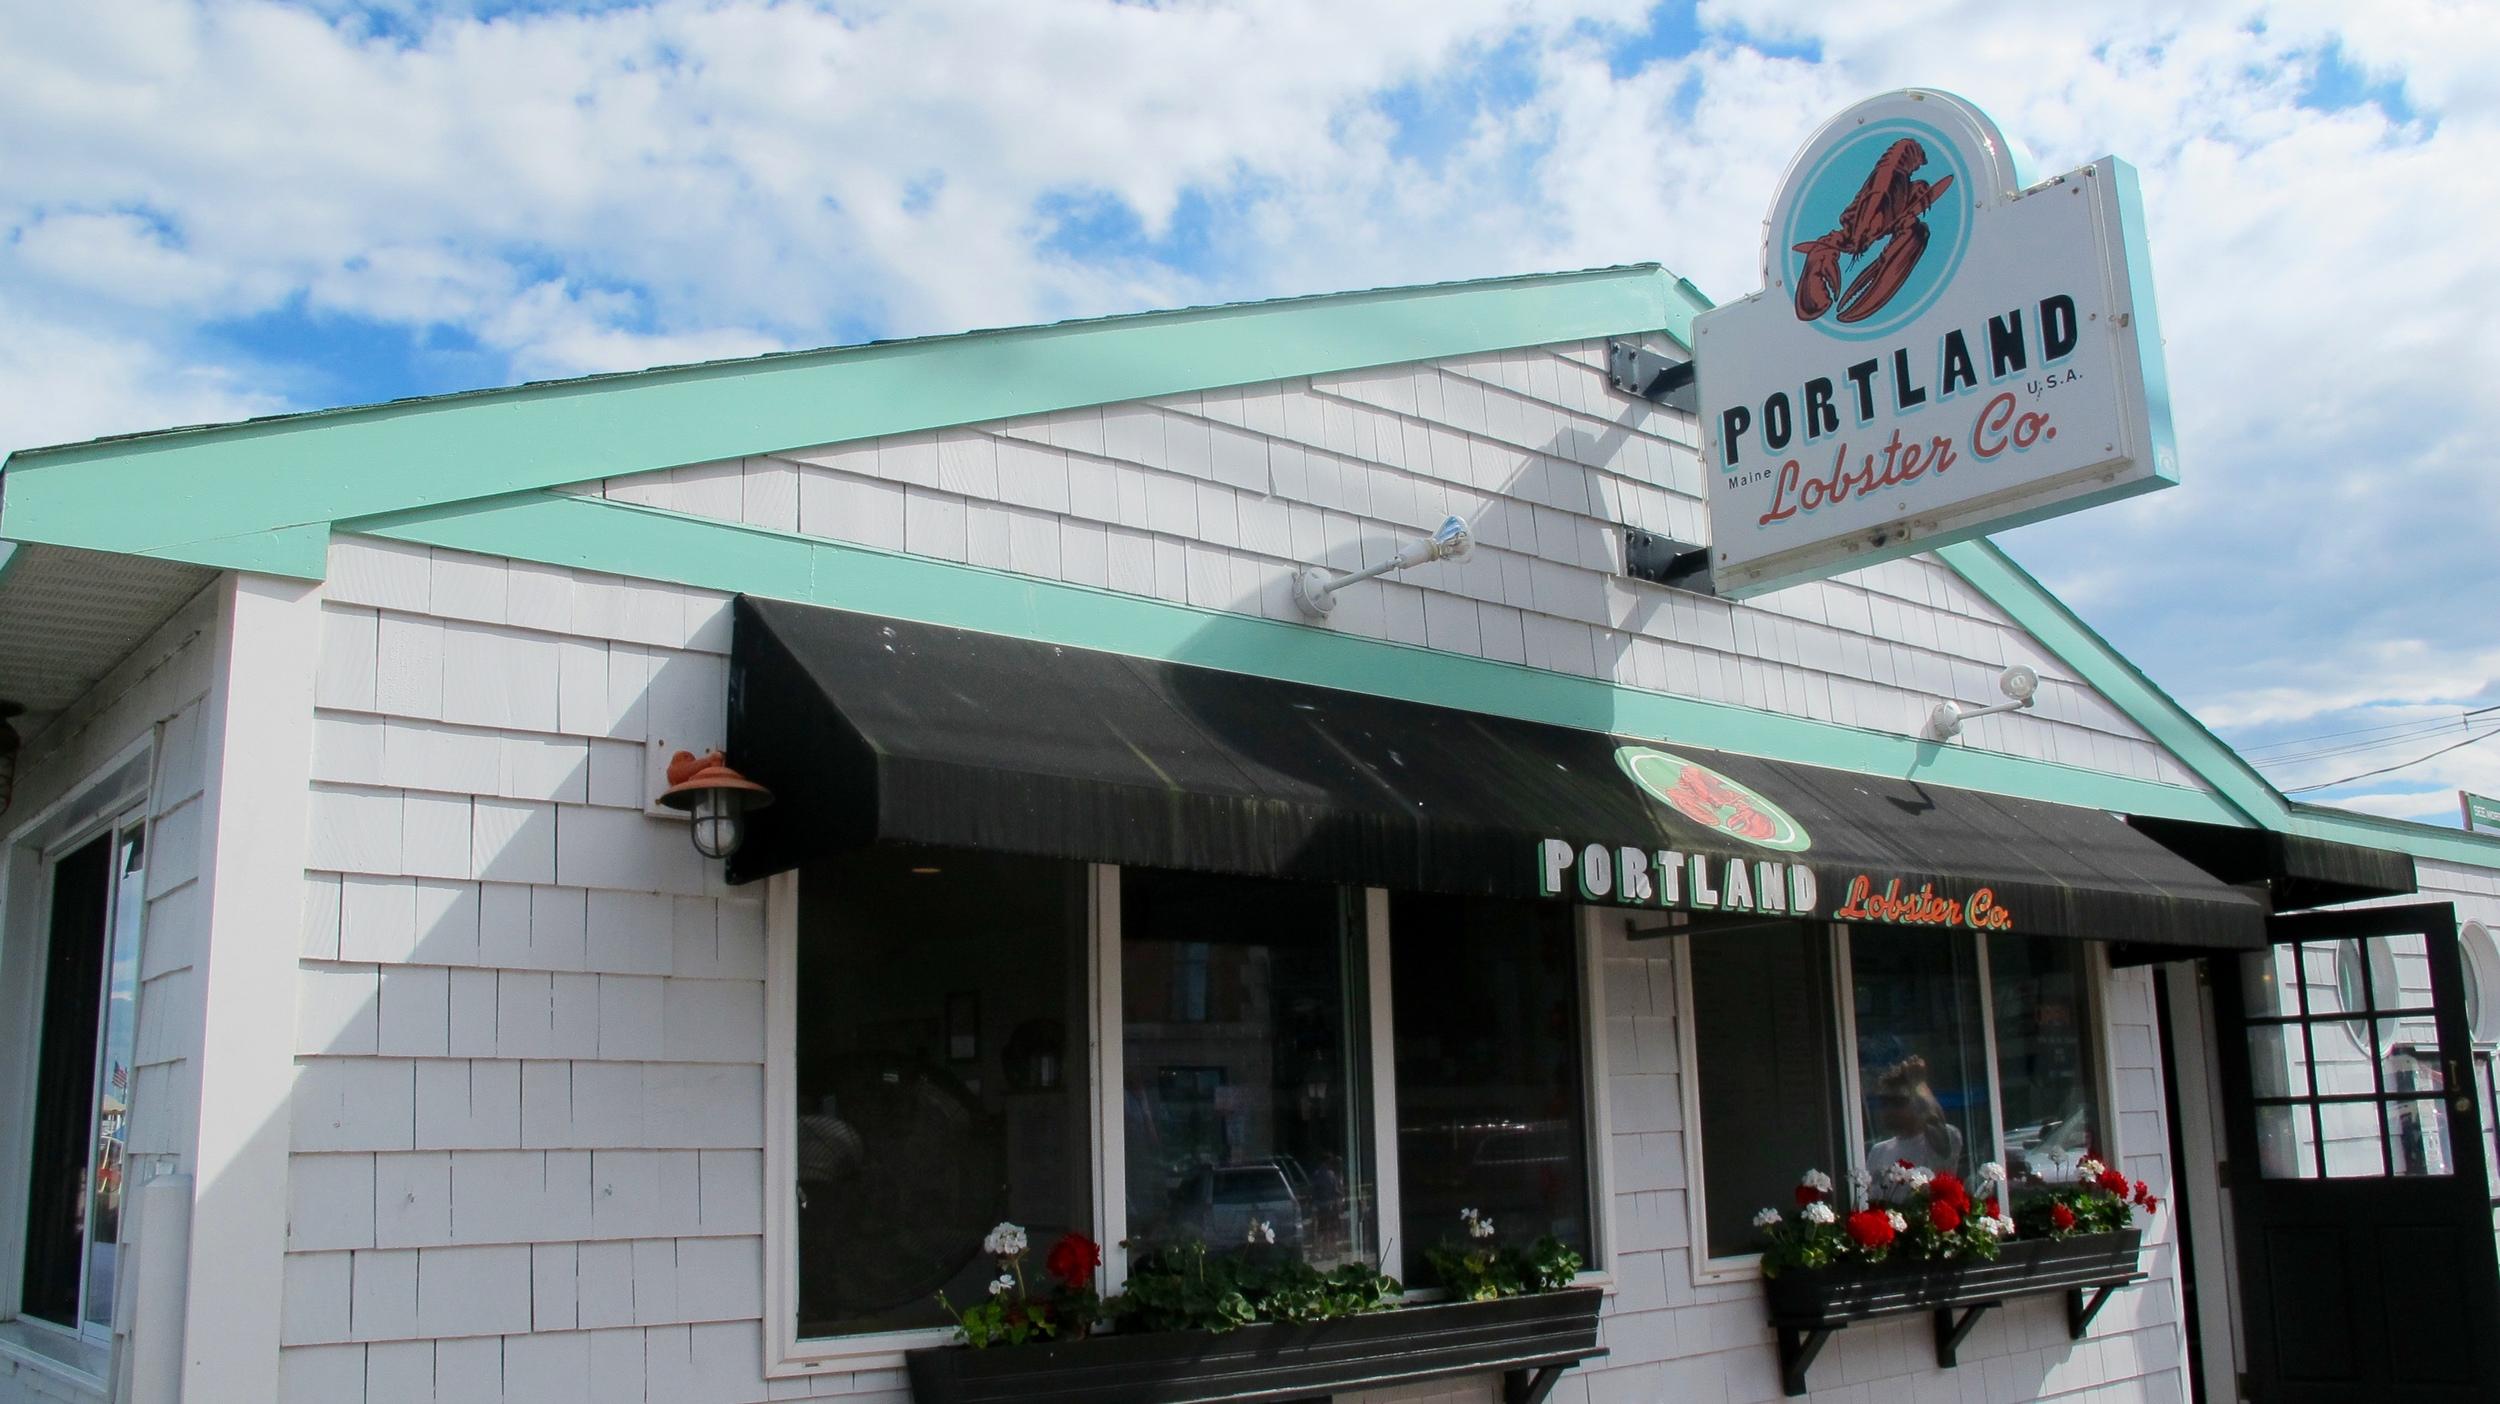 Portland Lobster Co., Portland Maine